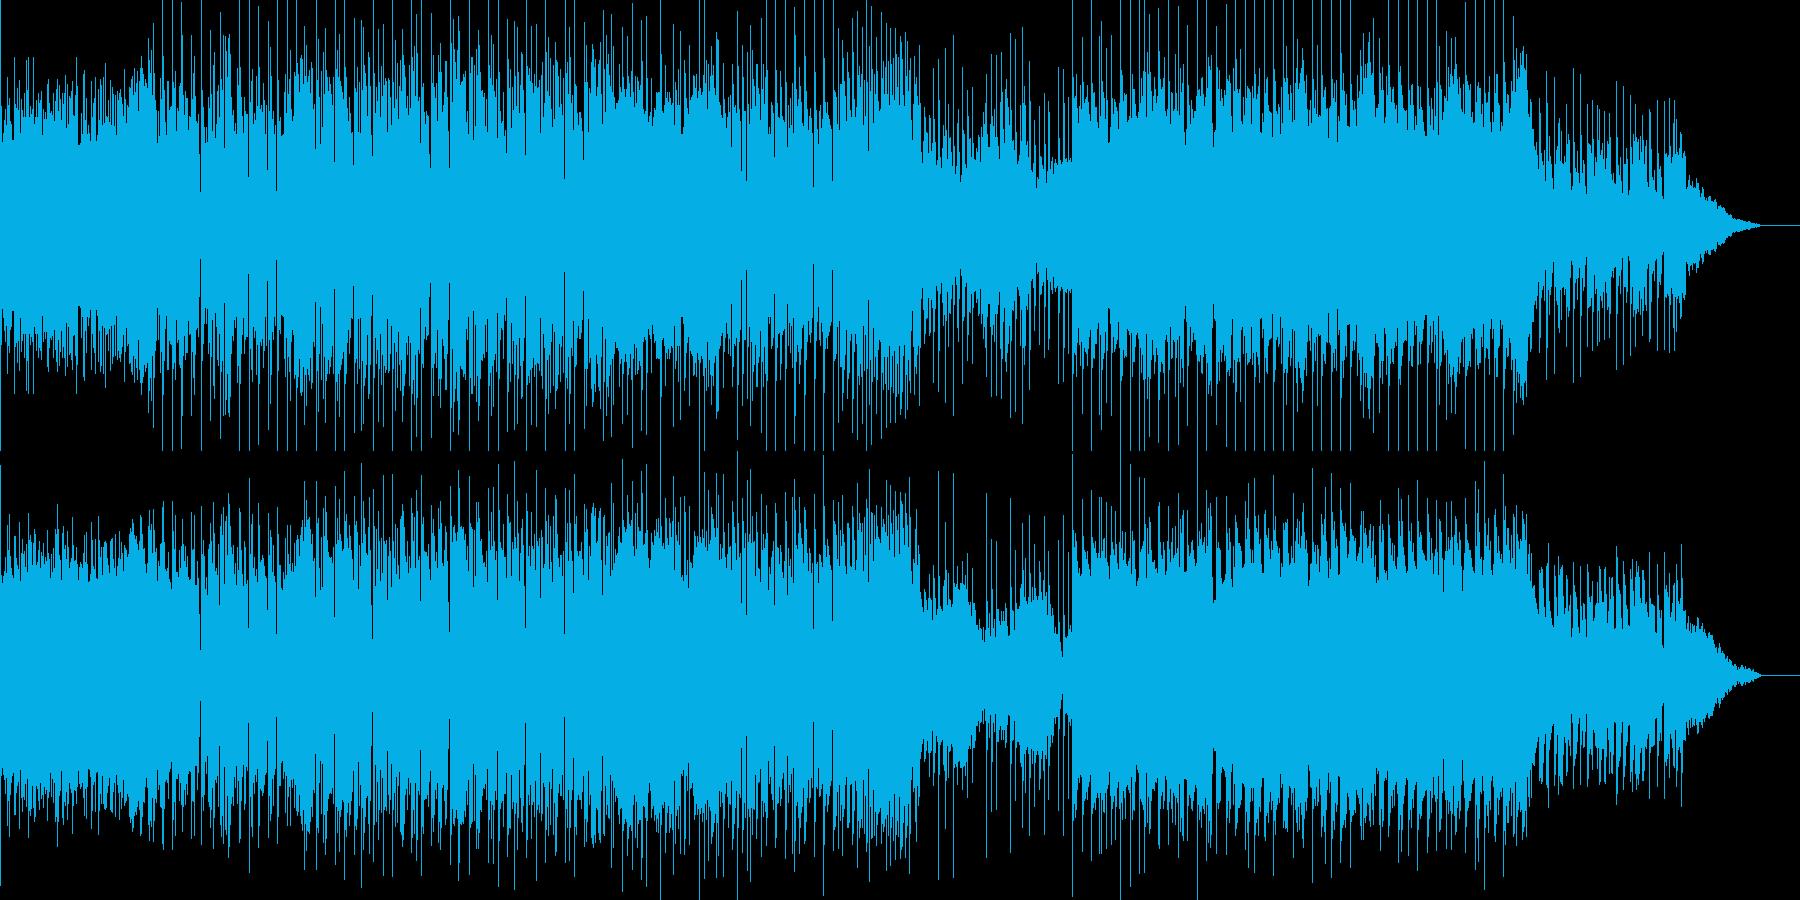 明るくノリが良くどこかほのぼのとする曲の再生済みの波形